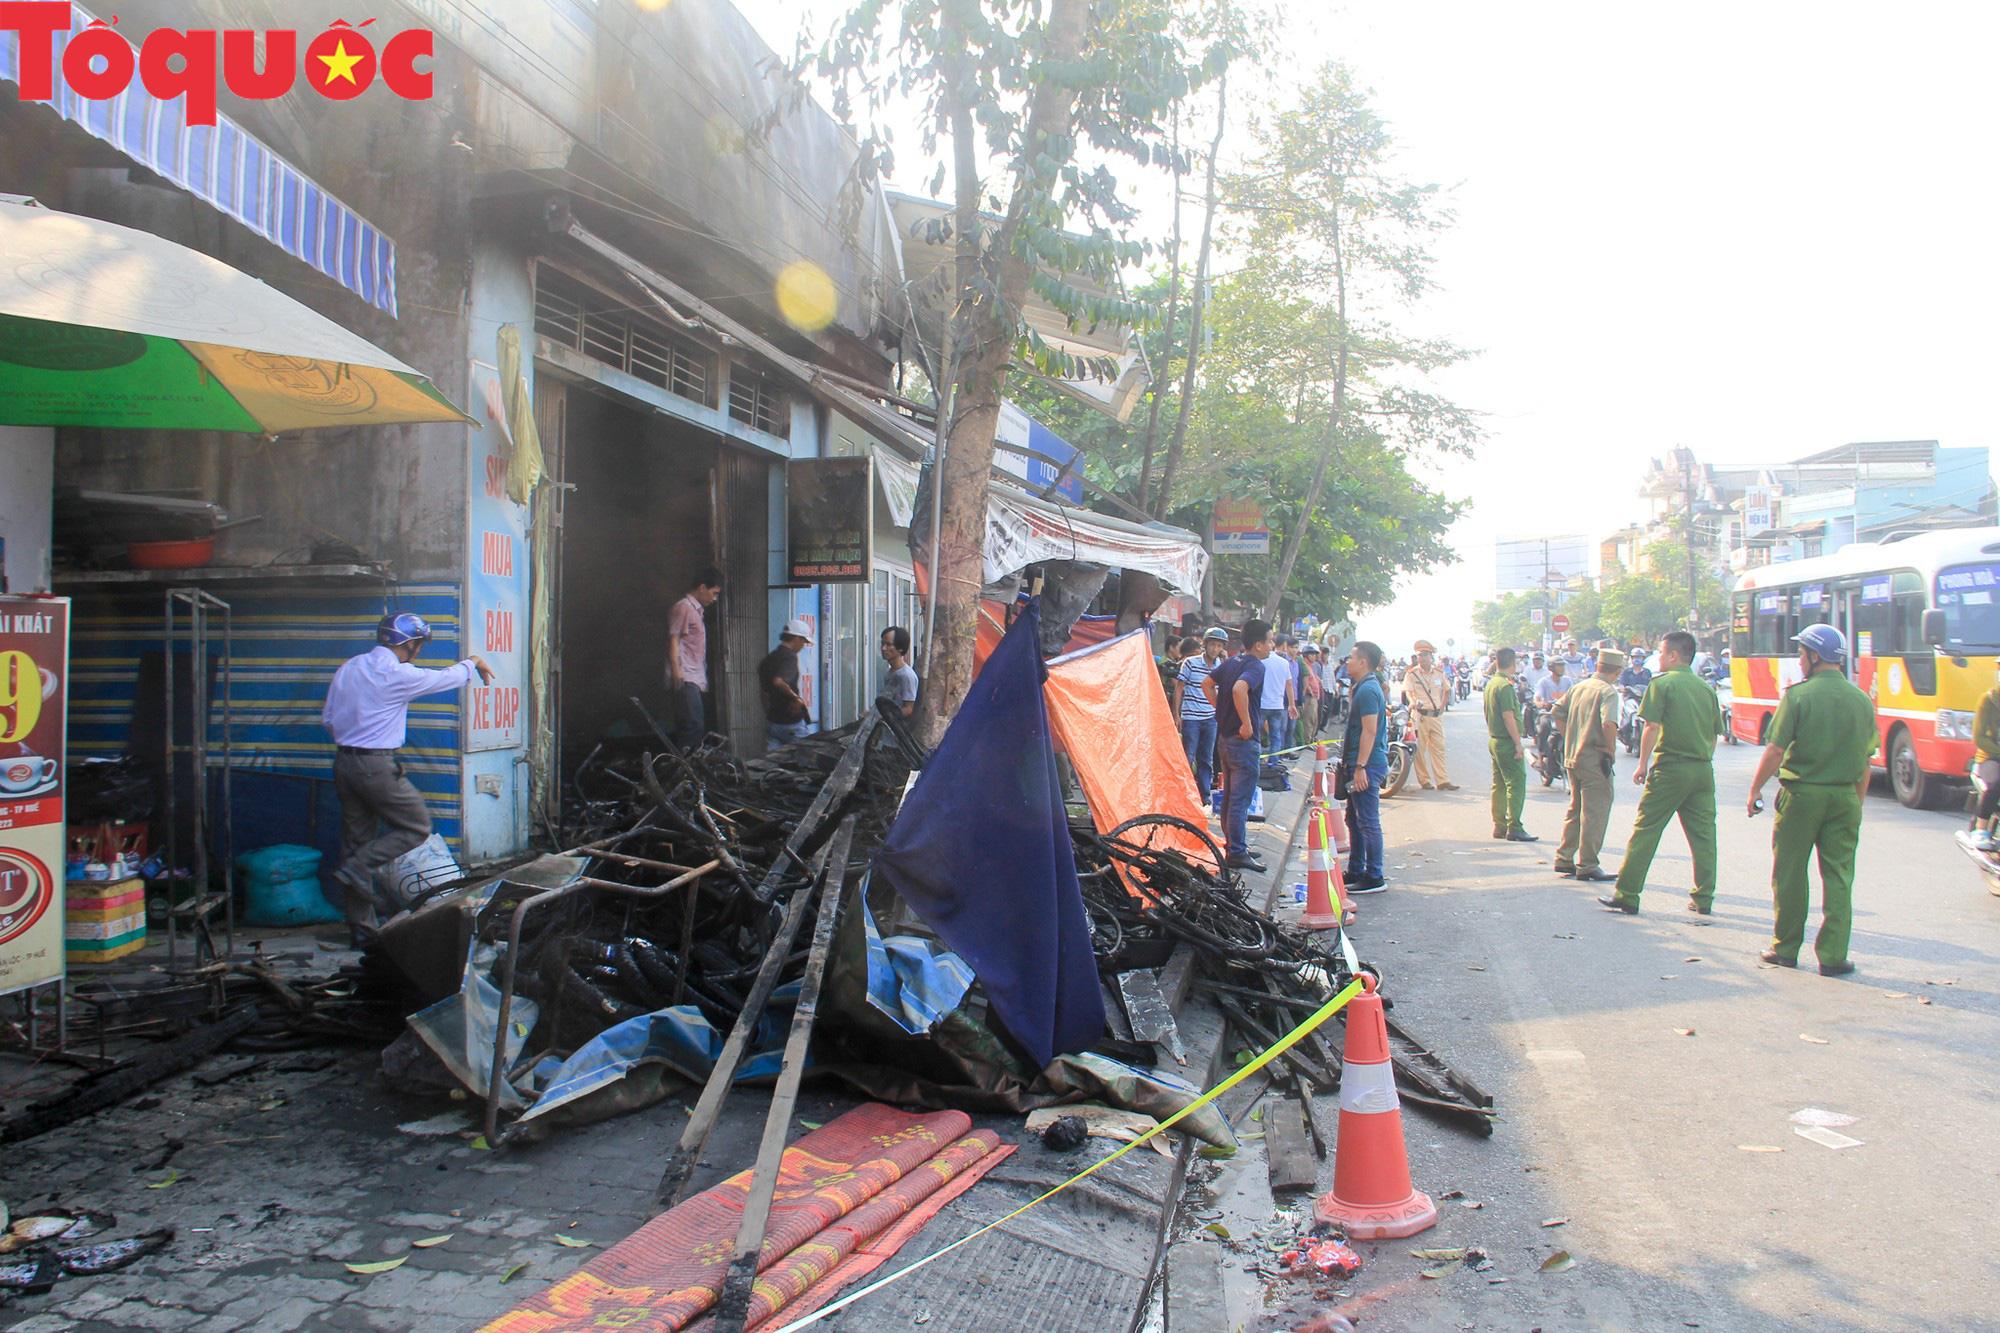 Hình ảnh hiện trường vụ hỏa hoạn khiến 3 người trong một gia đình tử vong thương tâm - Ảnh 1.